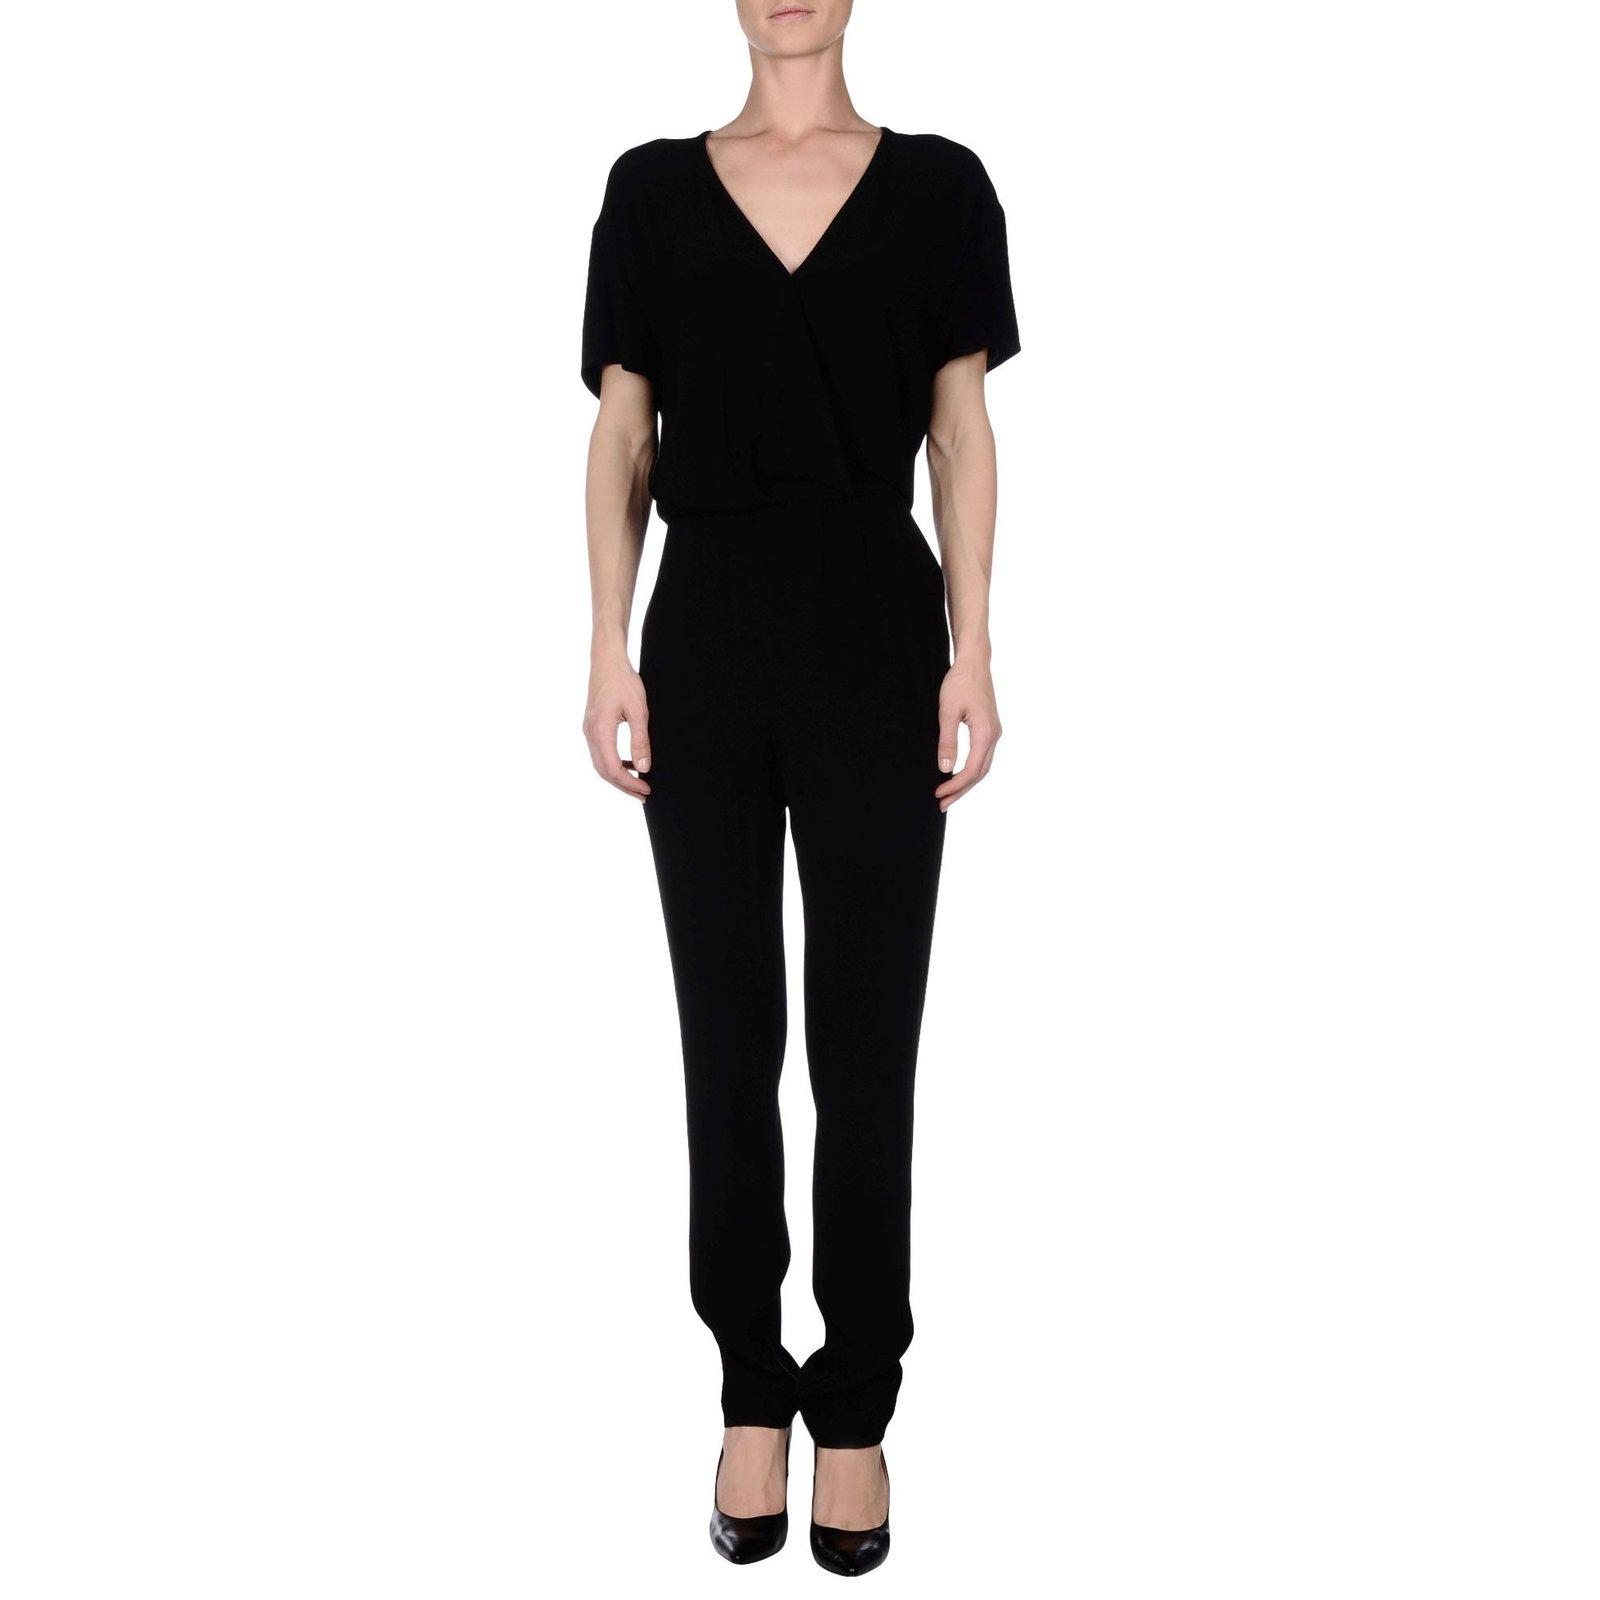 De otra manera Hacia Aplicado  American Vintage Jumpsuits Jumpsuits Viscose Black ref.72426 - Joli Closet